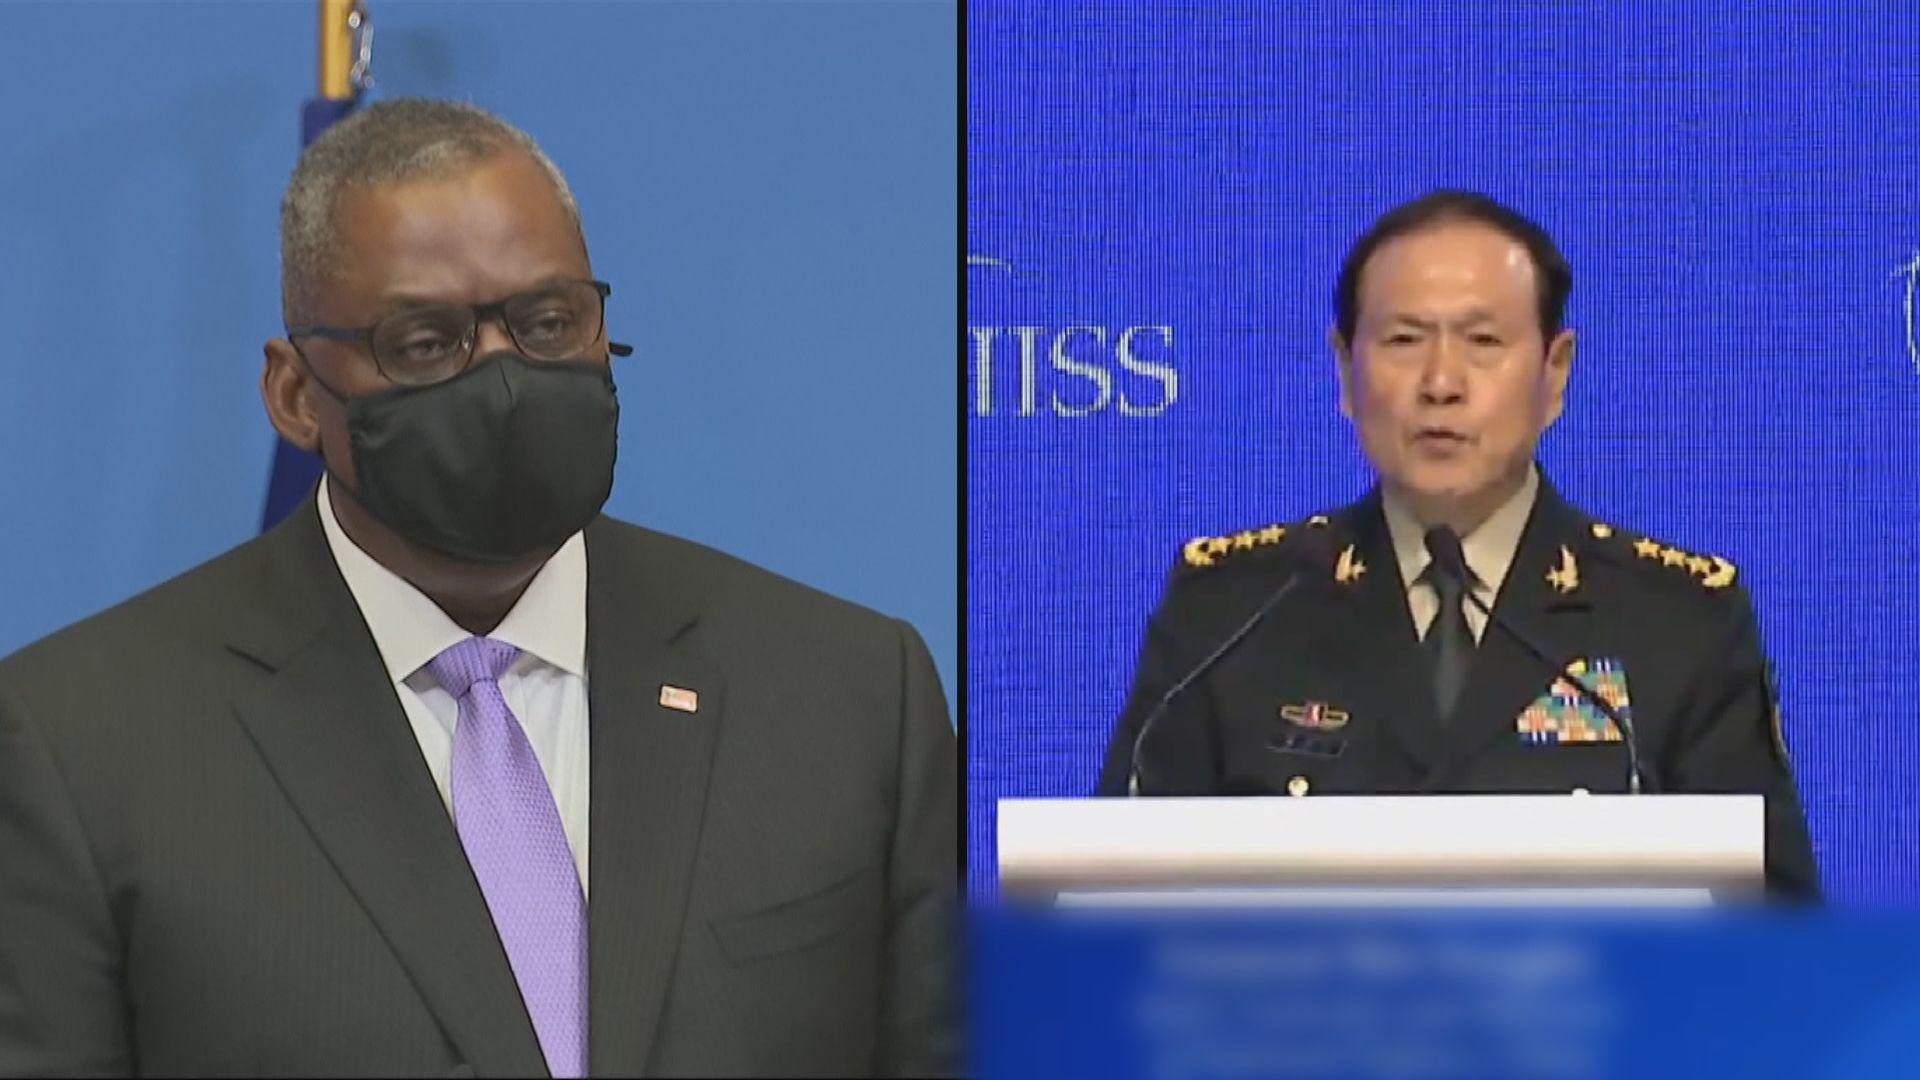 據報美國防部長曾三次要求跟中央軍委副主席對話被拒